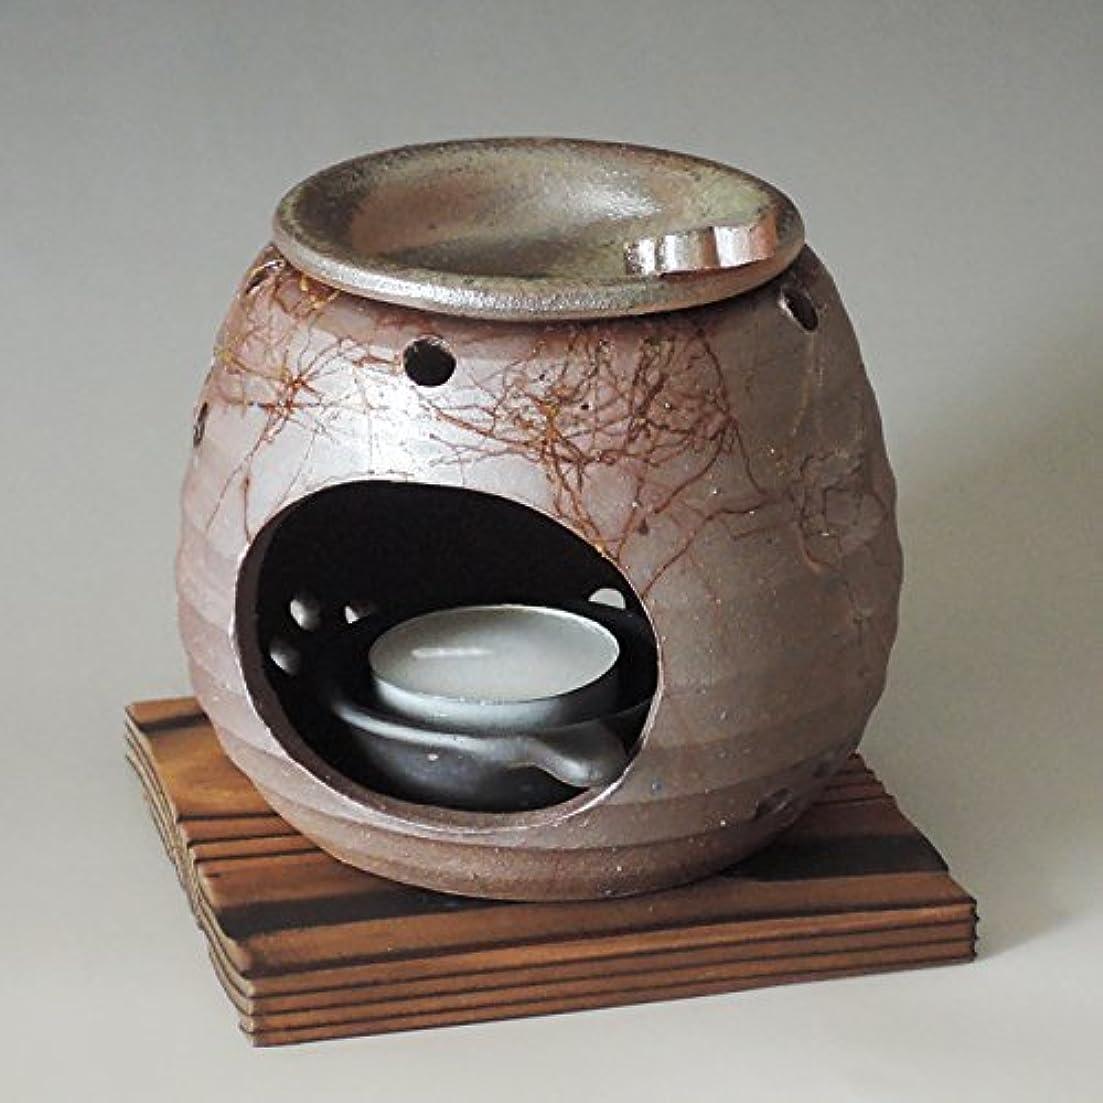 想像力わざわざスナッチ茶香炉 常滑焼 石龍作「藻掛け」川本屋茶舗